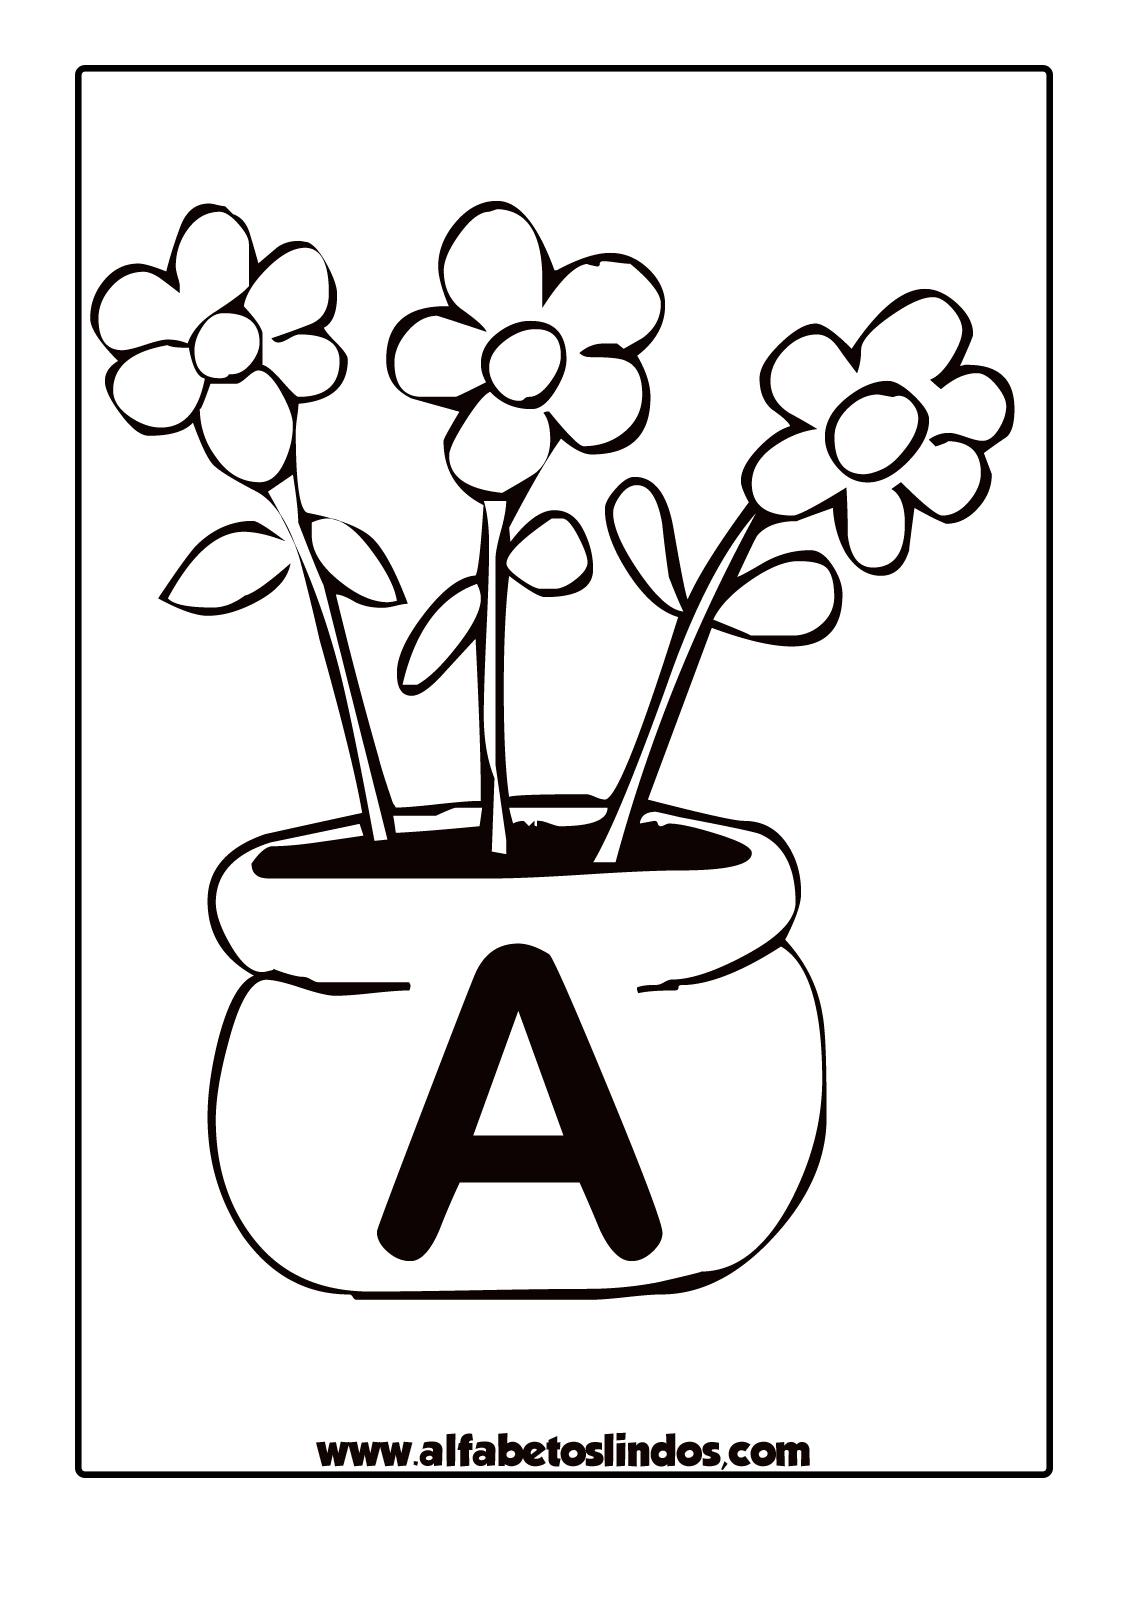 Alfabeto Primavera Flores Nos Jarros Para Colorir Pintar